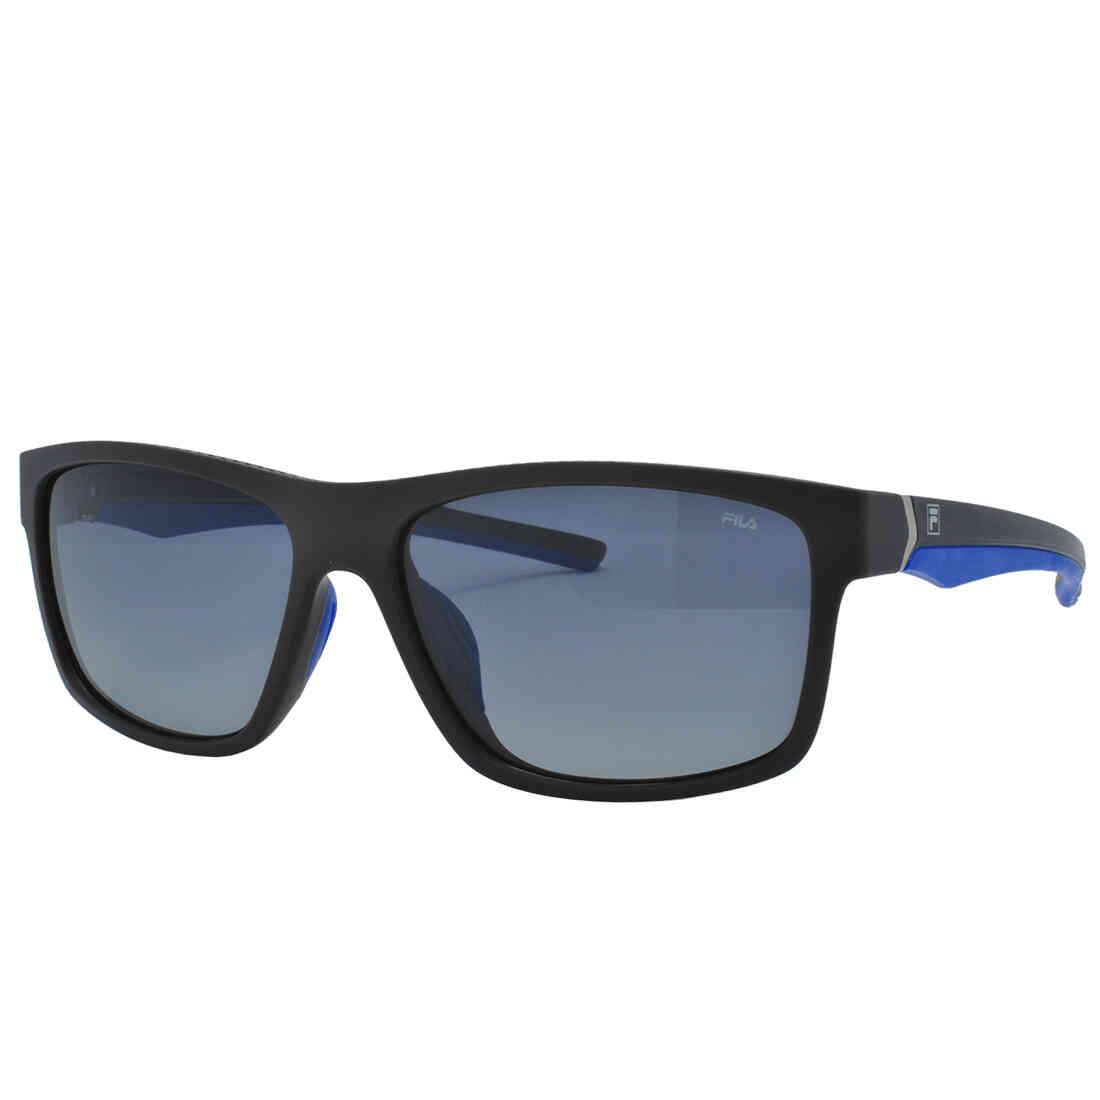 Óculos de Sol Fila Masculino Polarizado SF9142